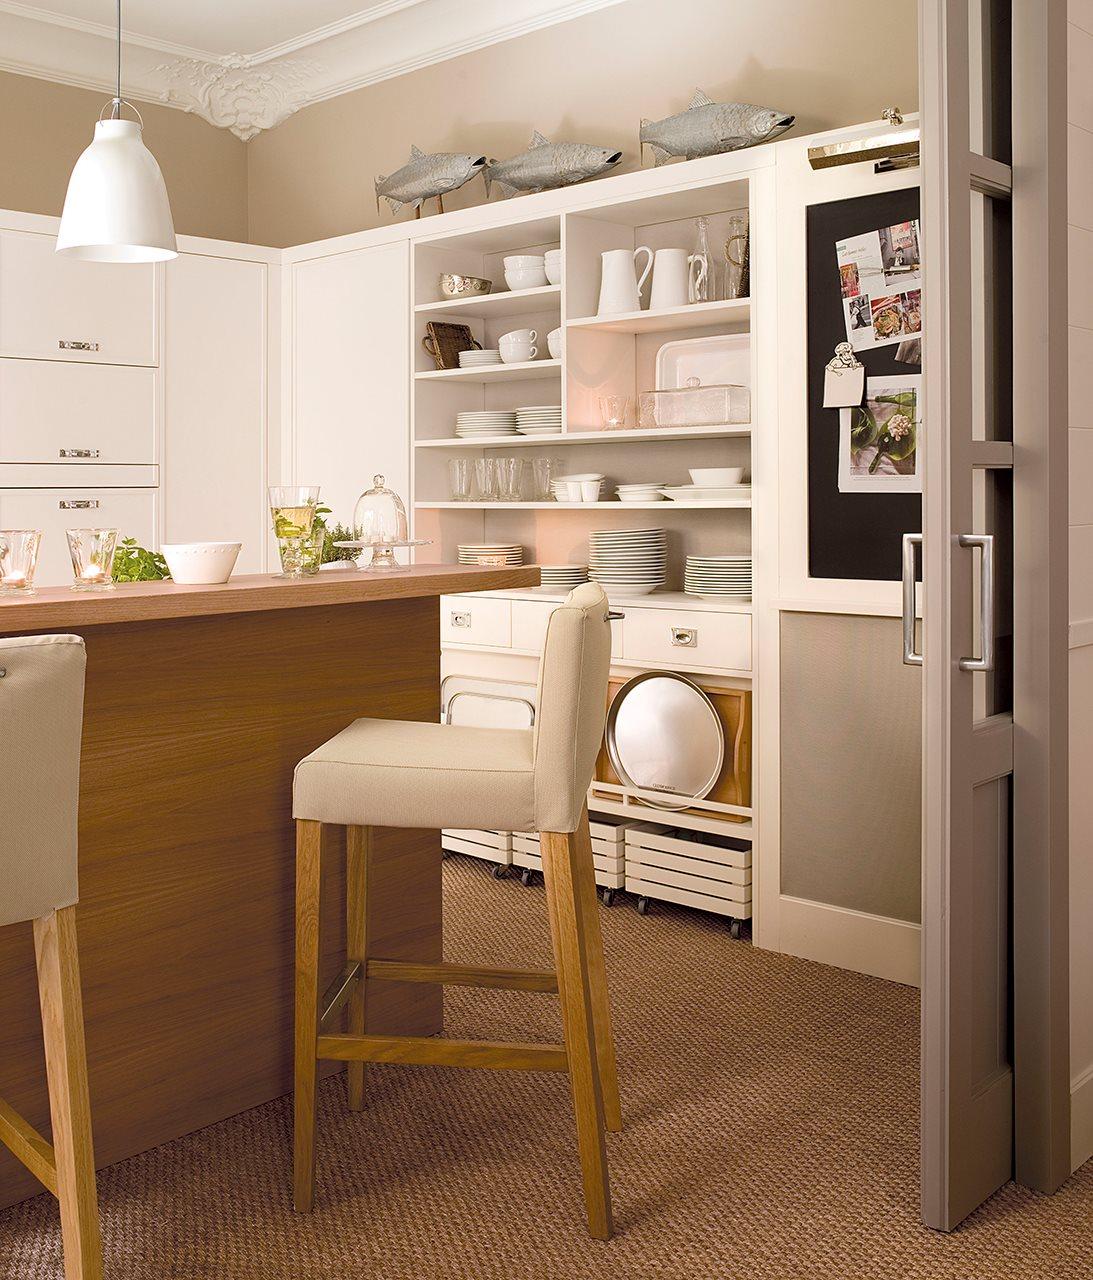 Cmo aprovechar el espacio en cocinas pequeas